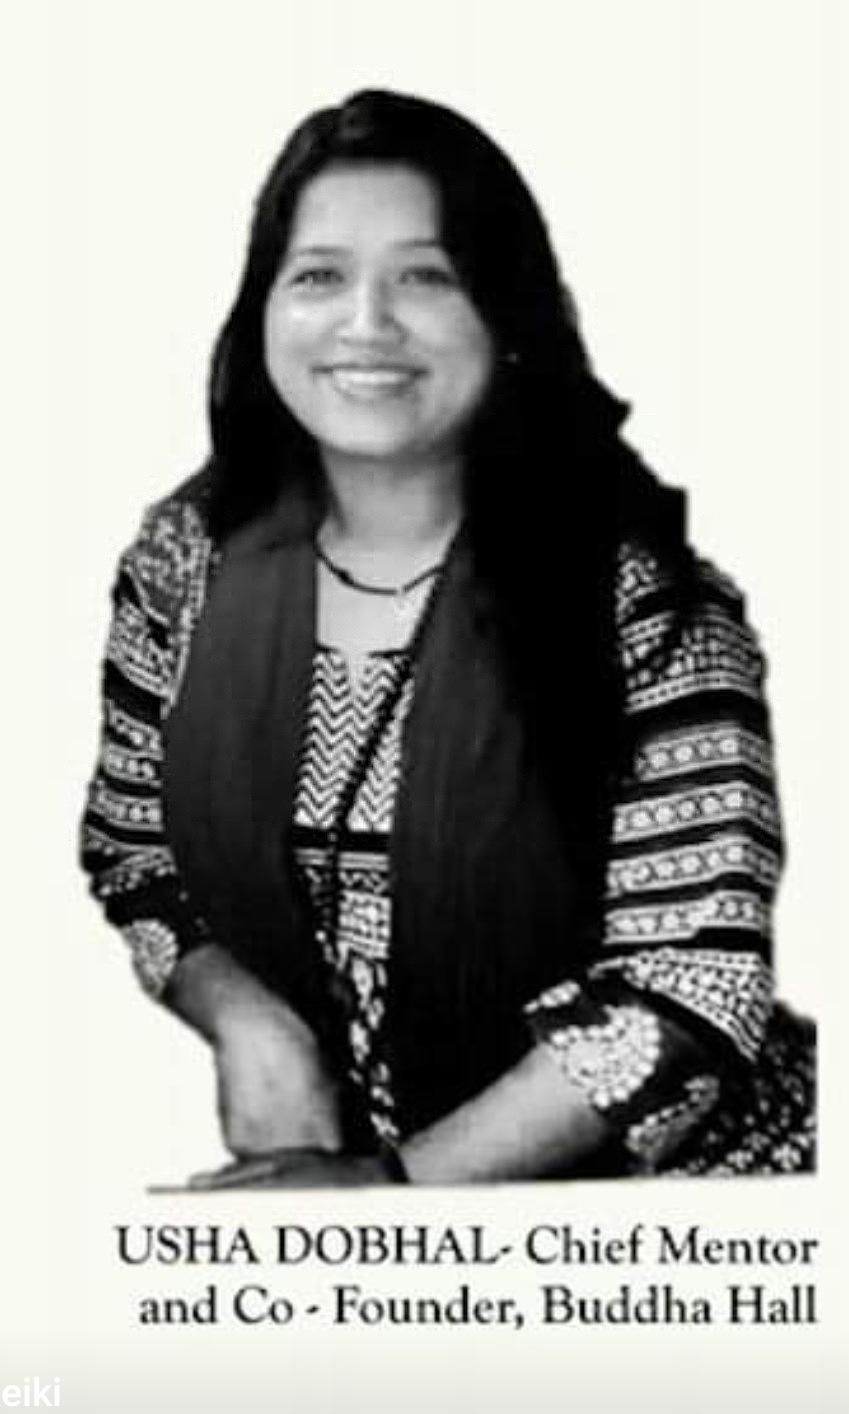 Usha Dobhal